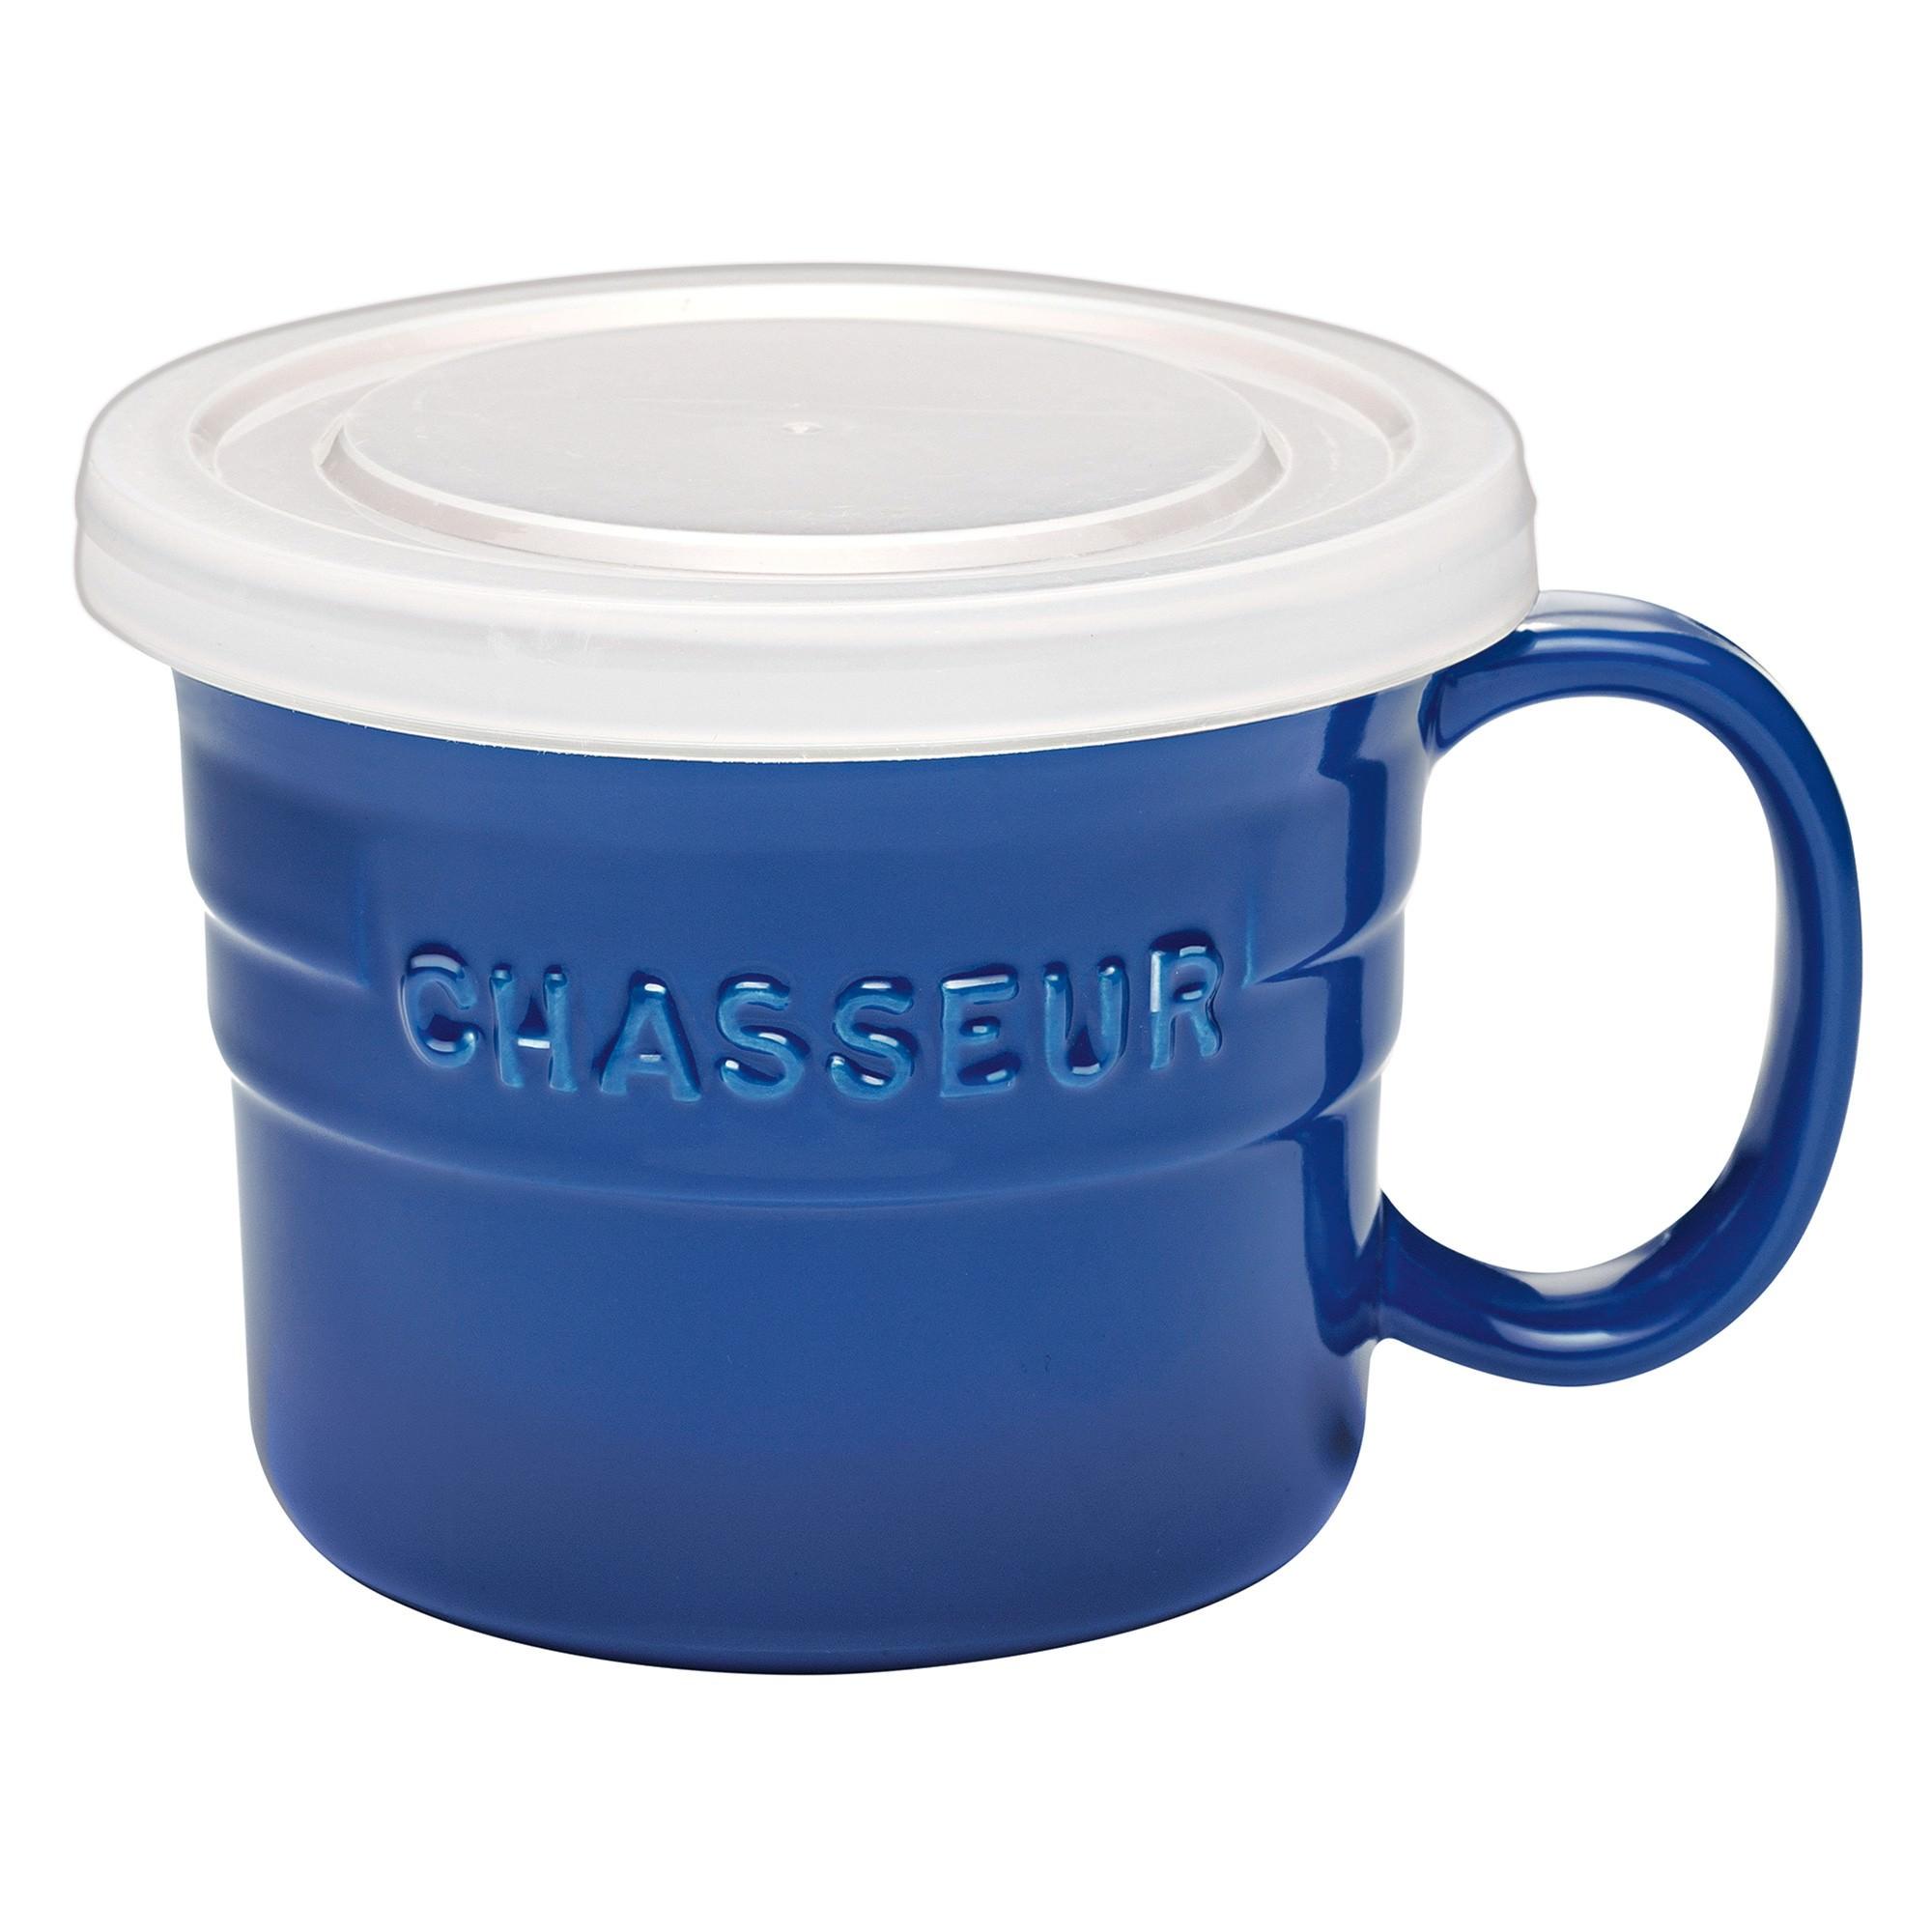 Chasseur La Cuisson Soup Mug with Lid, 500ml, Blue